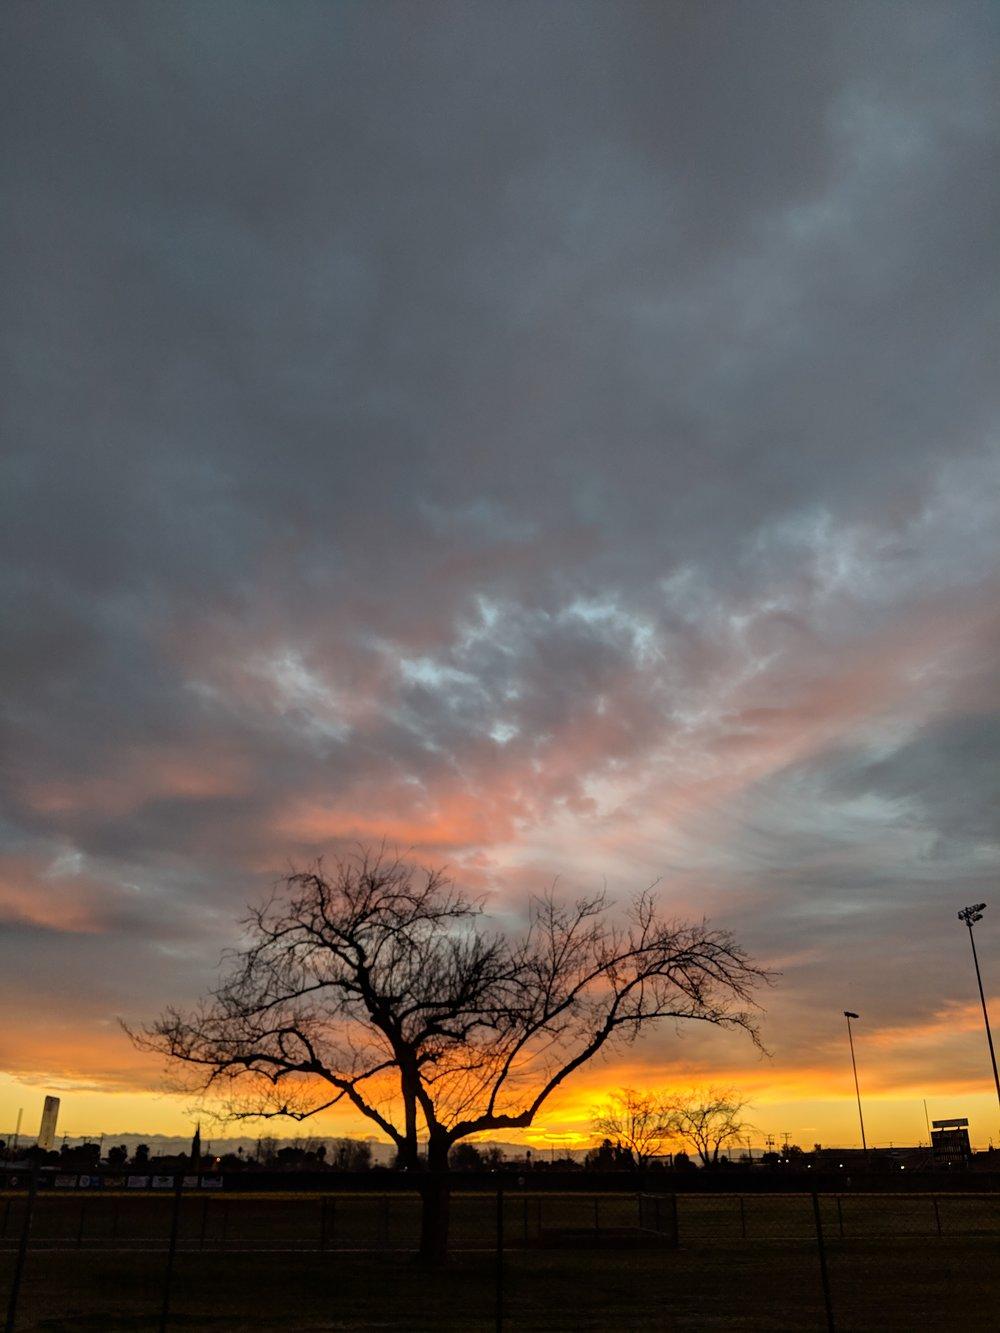 bri rinehart; photography; hanford; california; sunrise